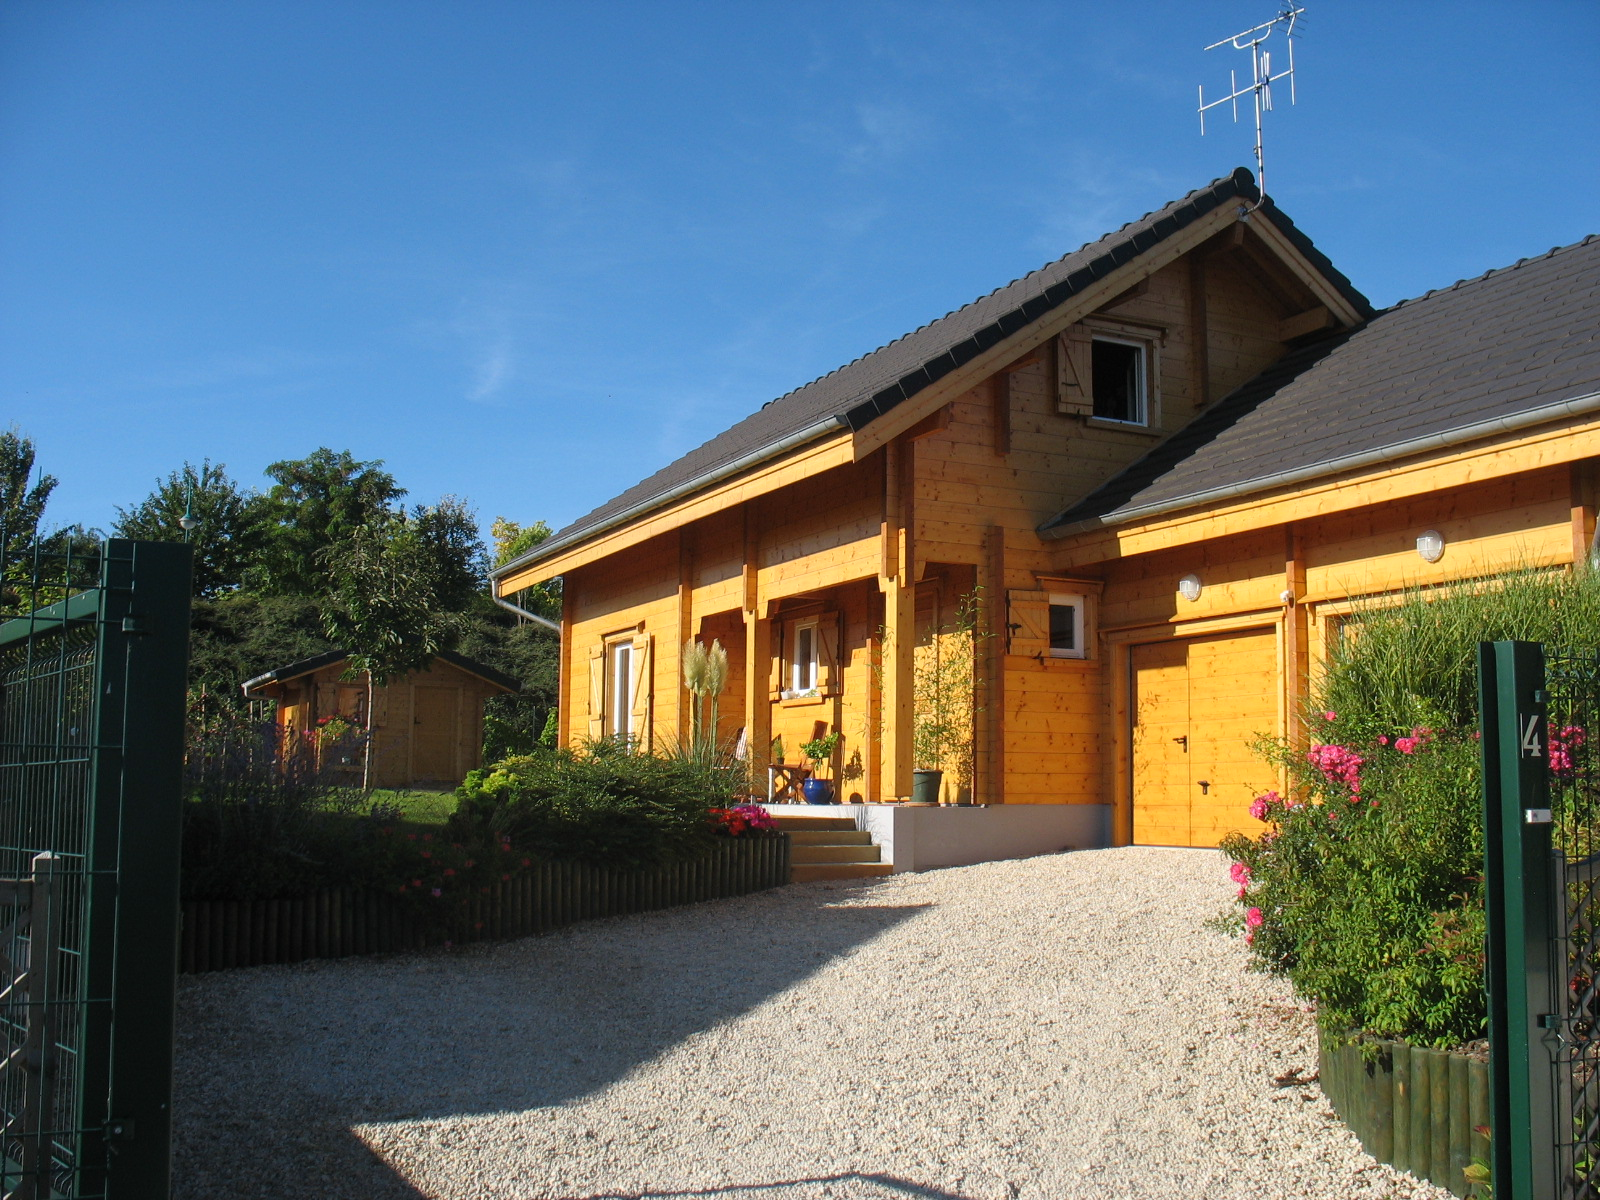 Maisons & Bois, forum sur la construction de maisons en